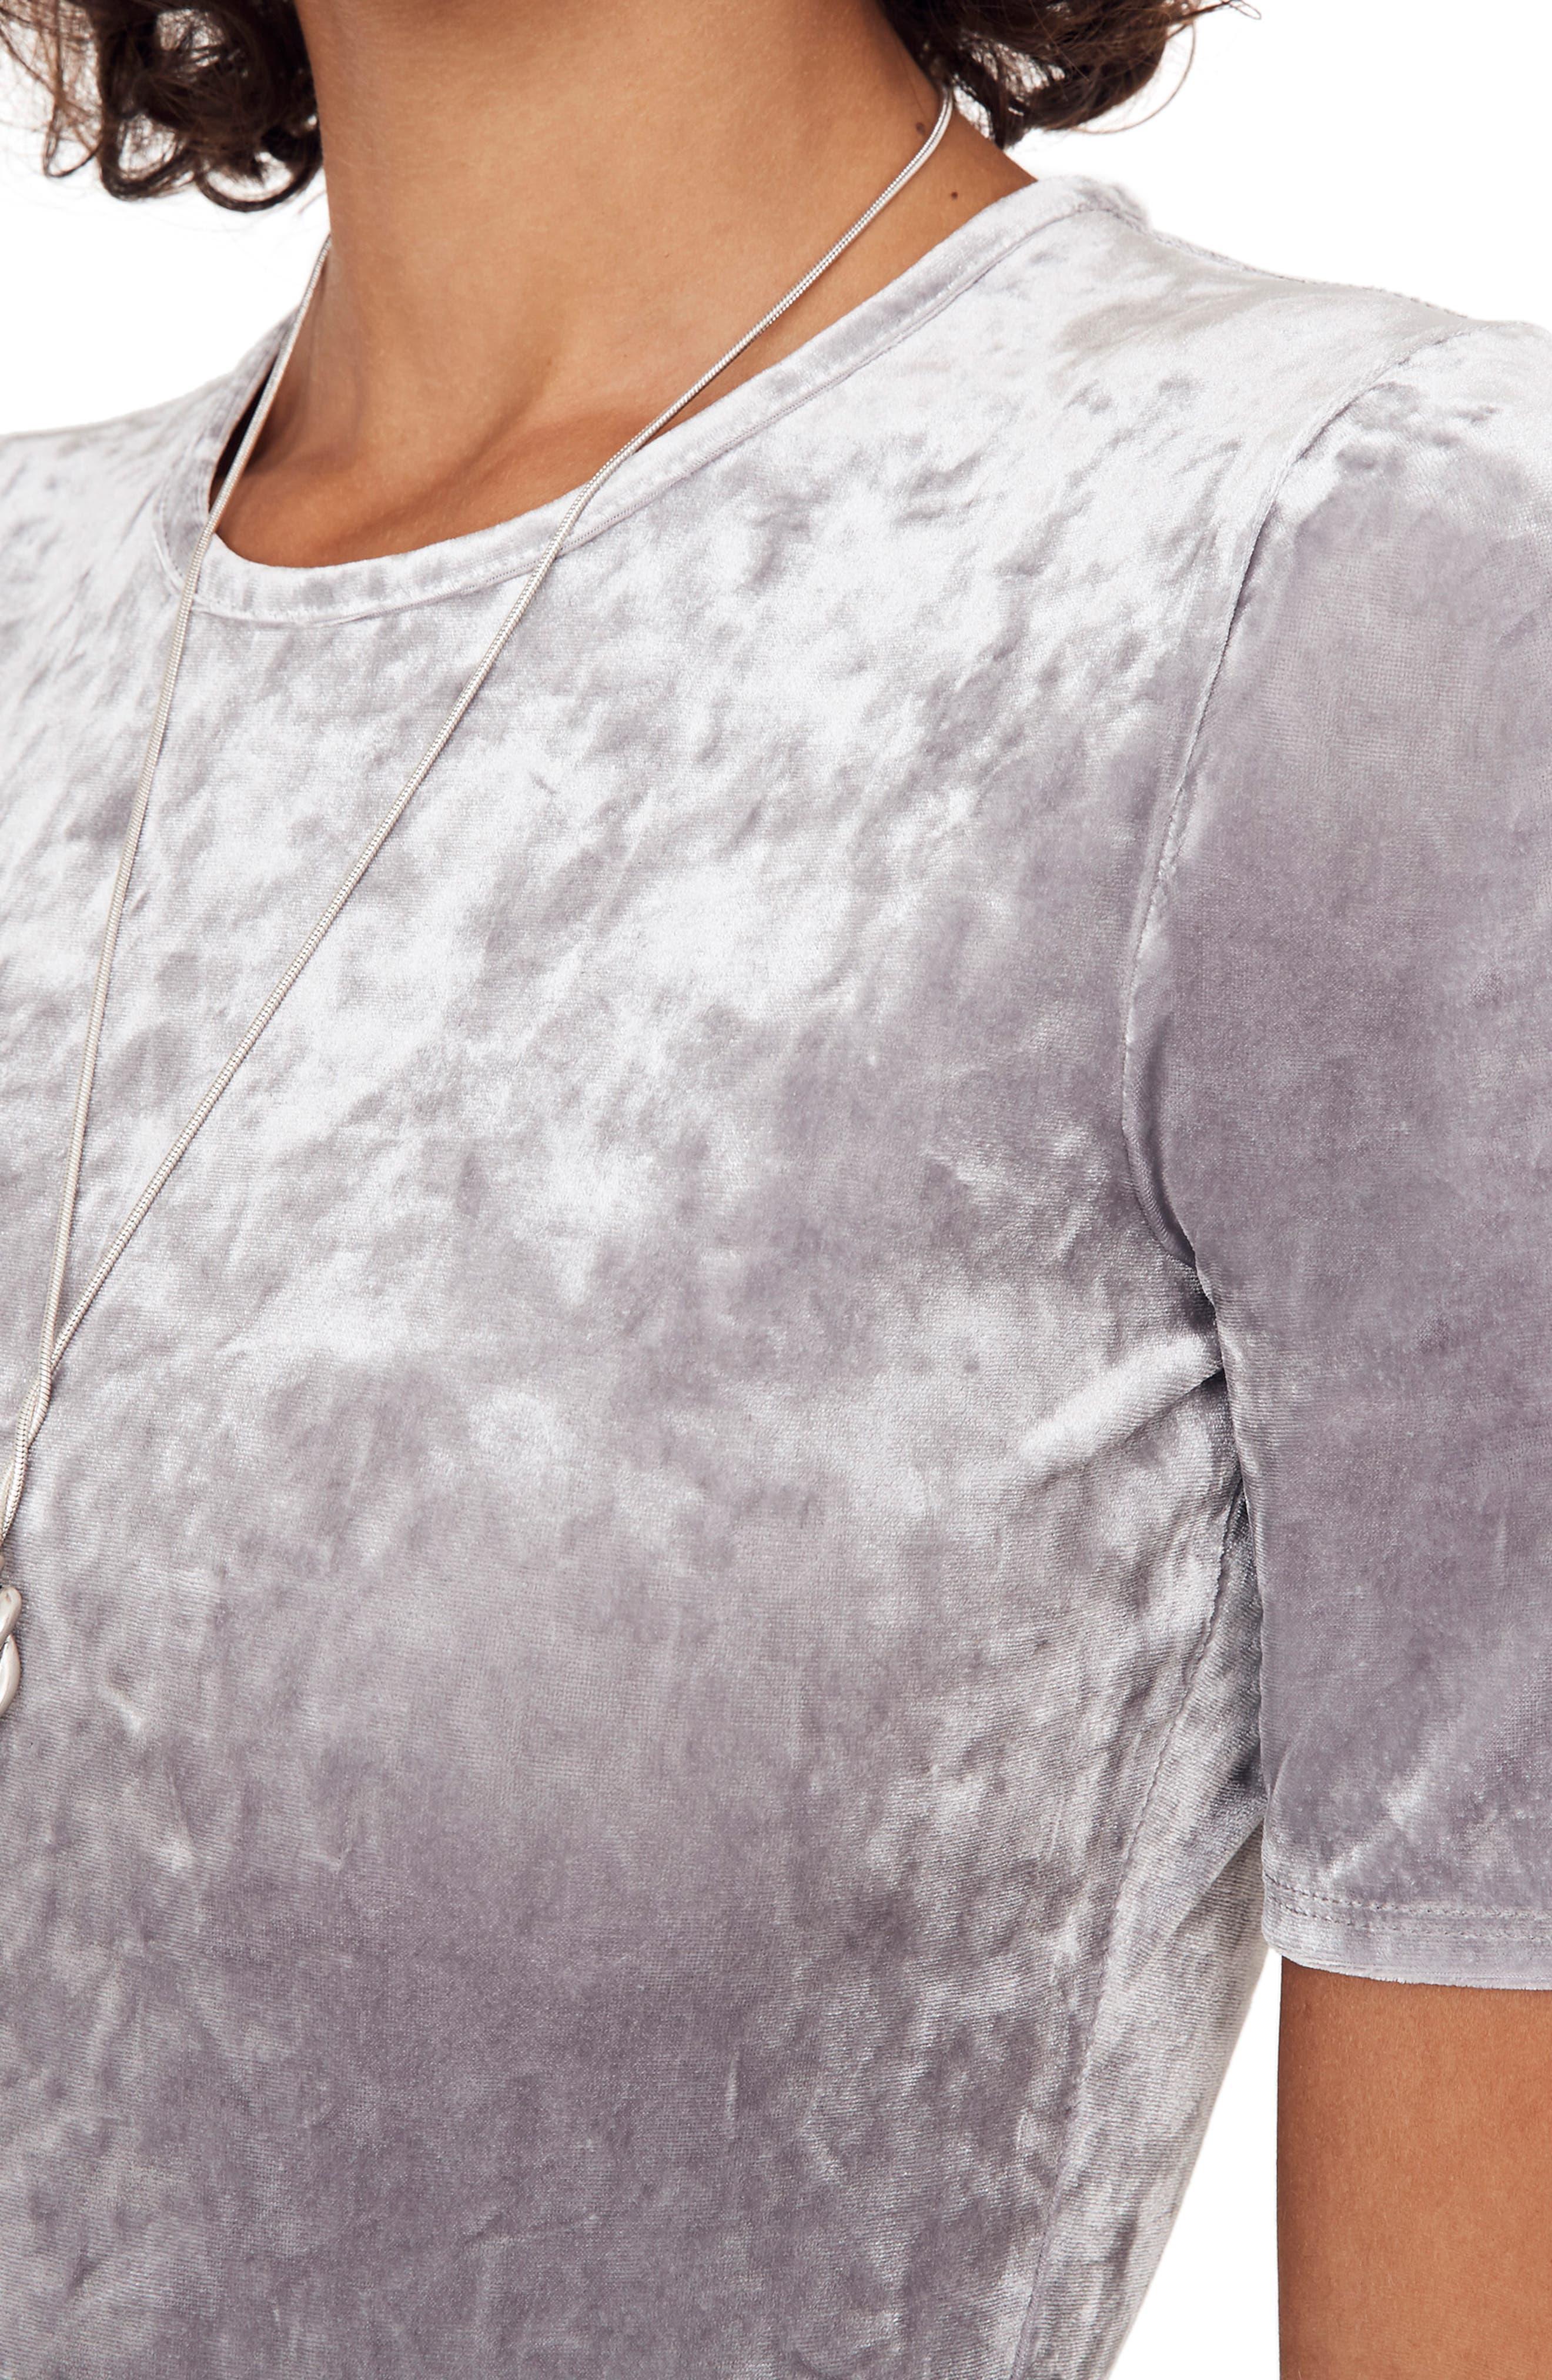 Crushed Velvet Short Sleeve Bodysuit,                             Alternate thumbnail 2, color,                             STONEWALL